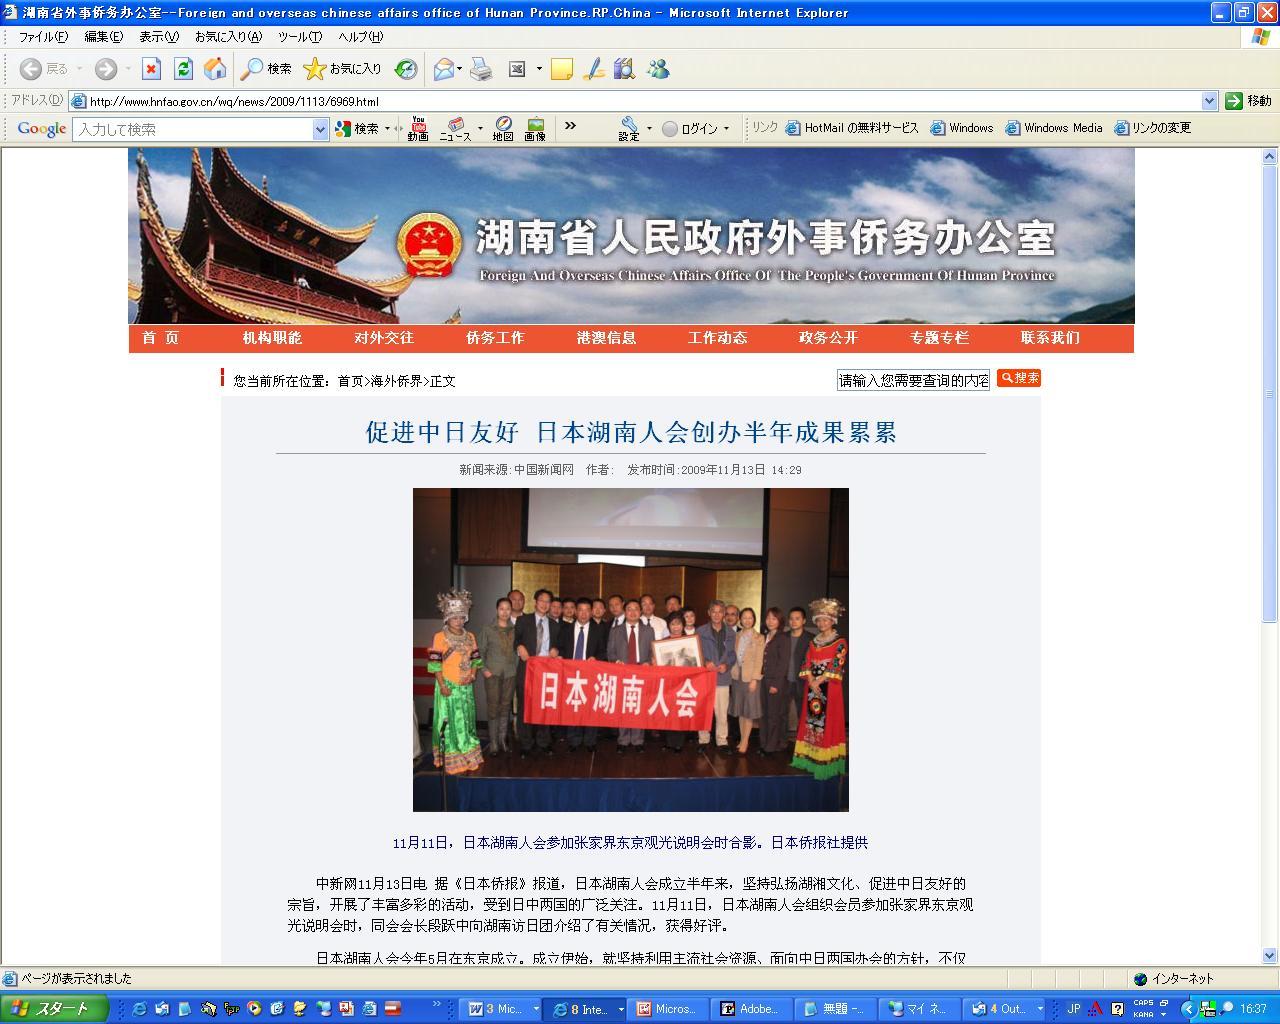 湖南省僑務弁公室のページ 日本湖南人会の活動を報道_d0027795_163917100.jpg